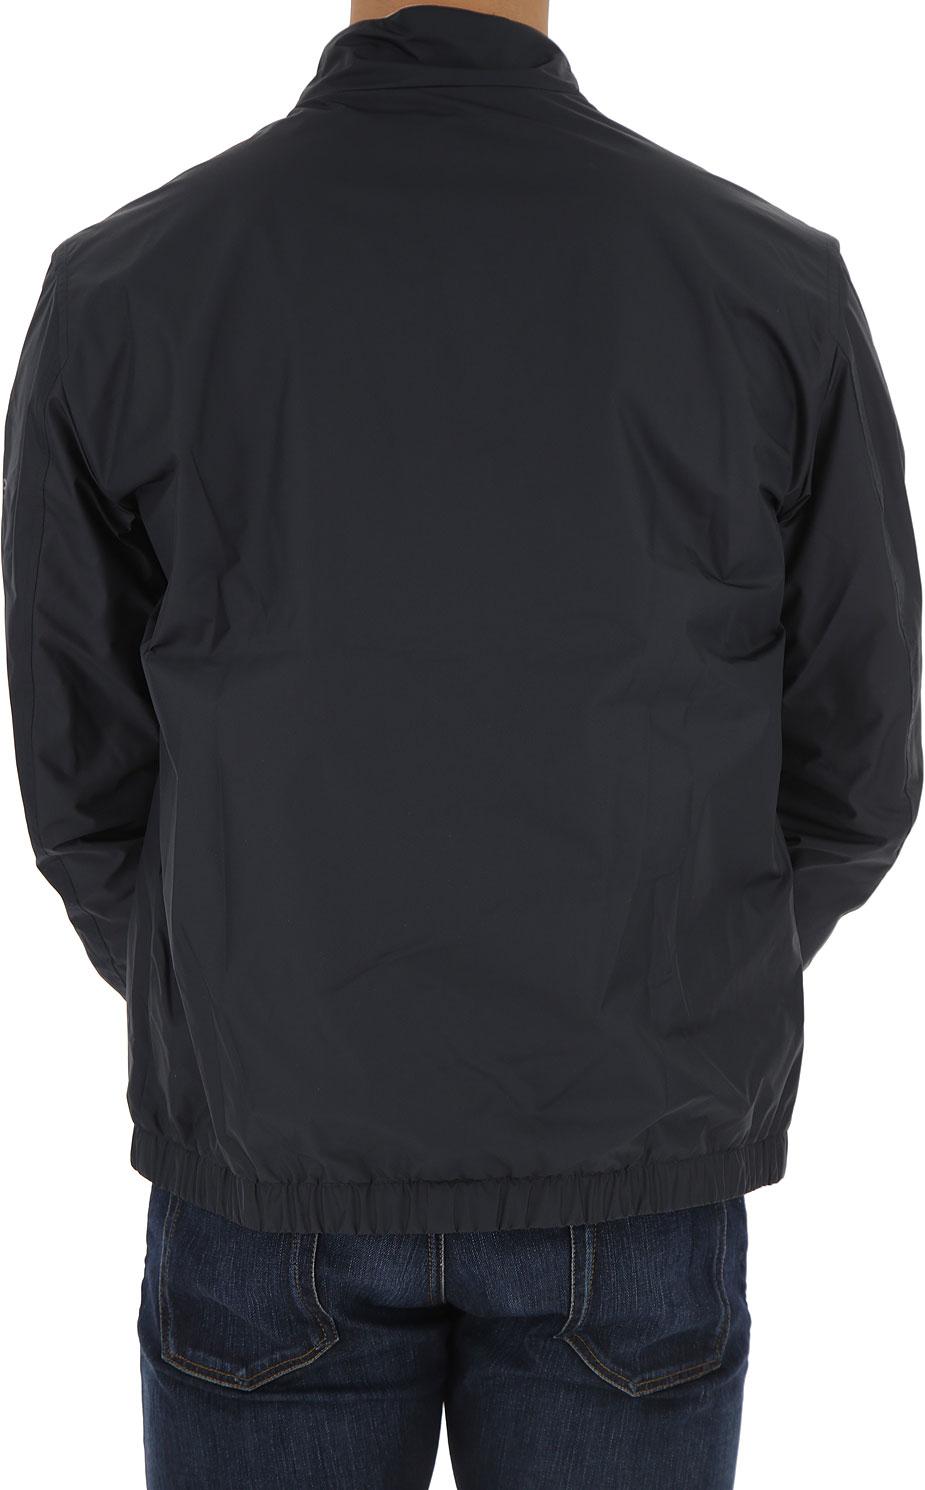 Abbigliamento Uomo Woolrich, Codice Articolo: wycps0495-yc05-300